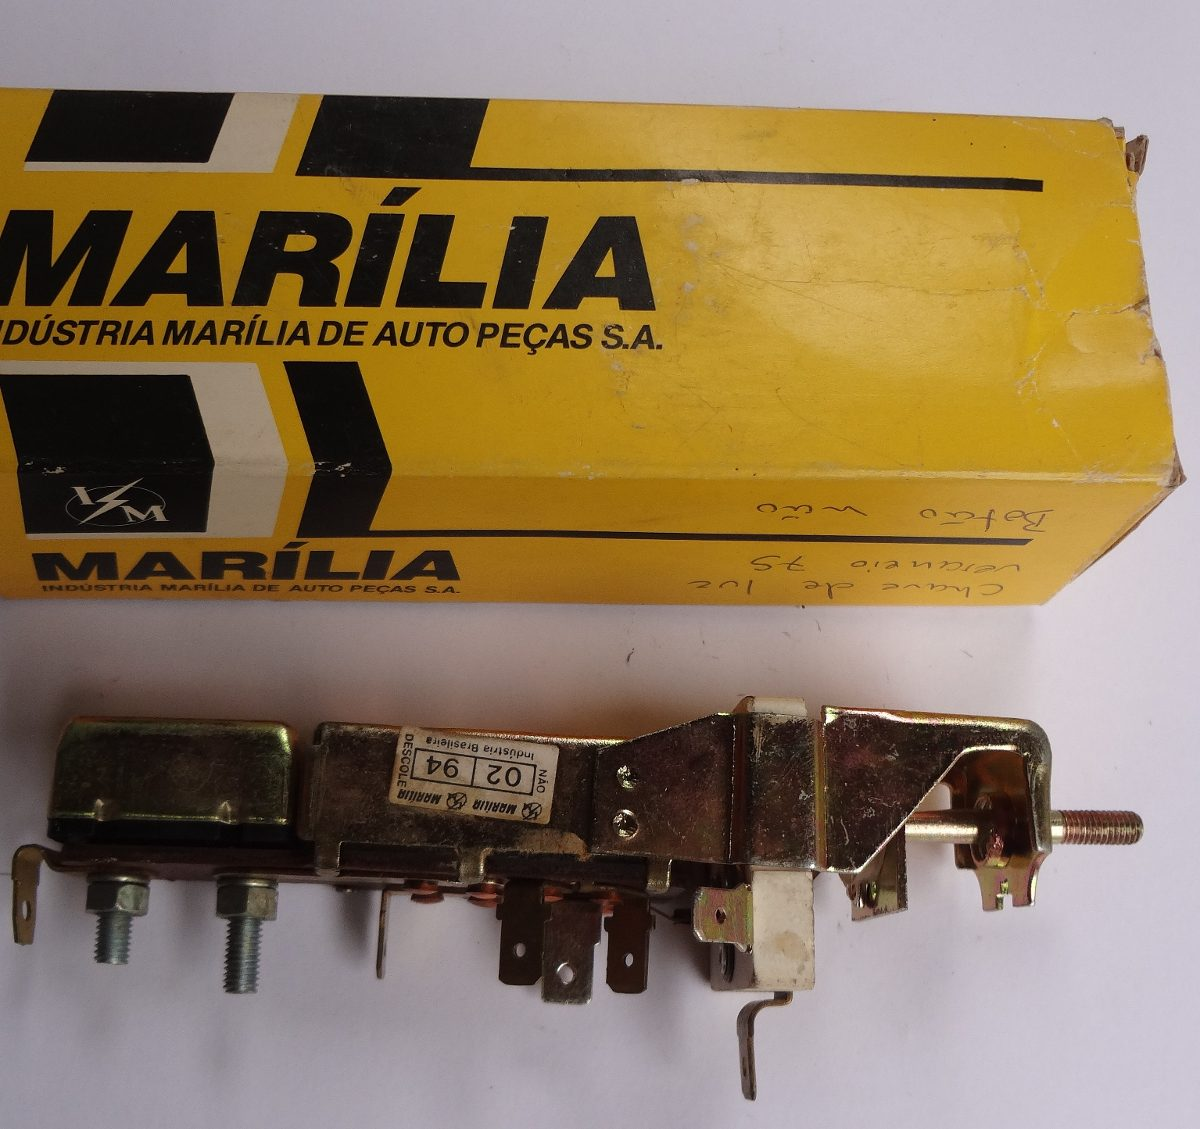 a87f985d8b6 Chave Interruptor De Luz Gm Caminhoes E Veraneiro 75 Marilia - R  99 ...